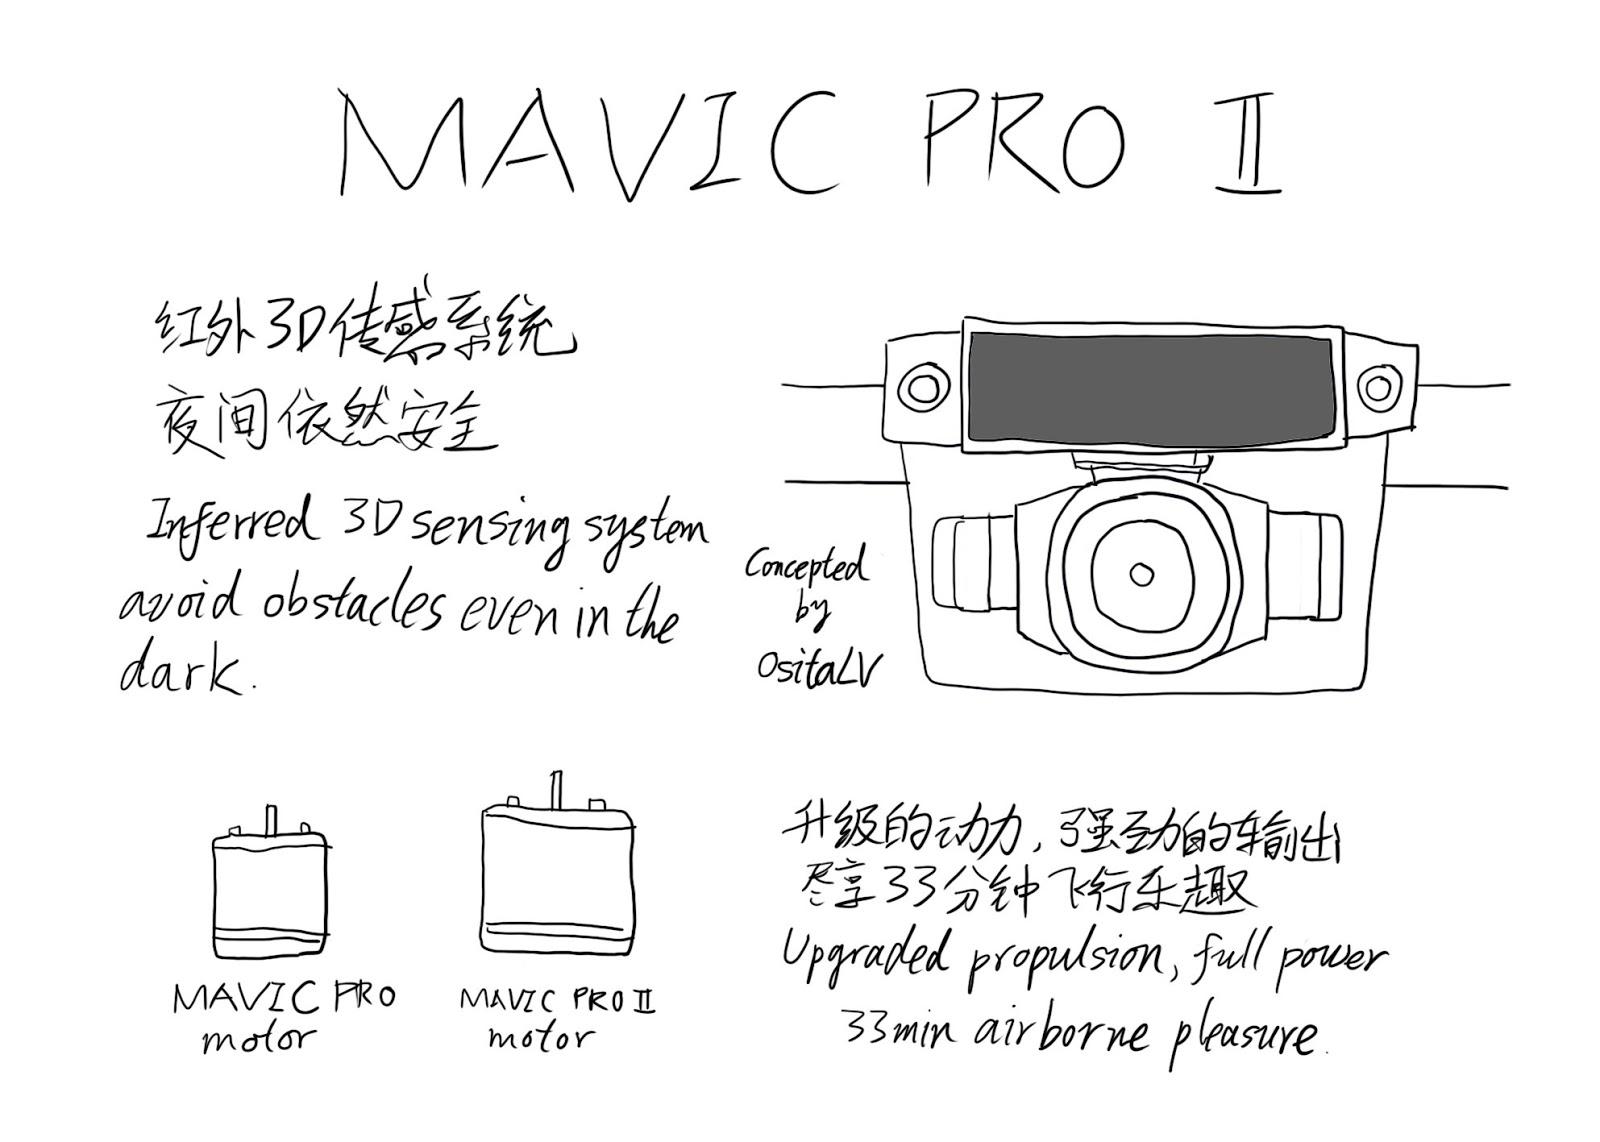 Ожидаемые характеристики DJI Mavic Pro 2